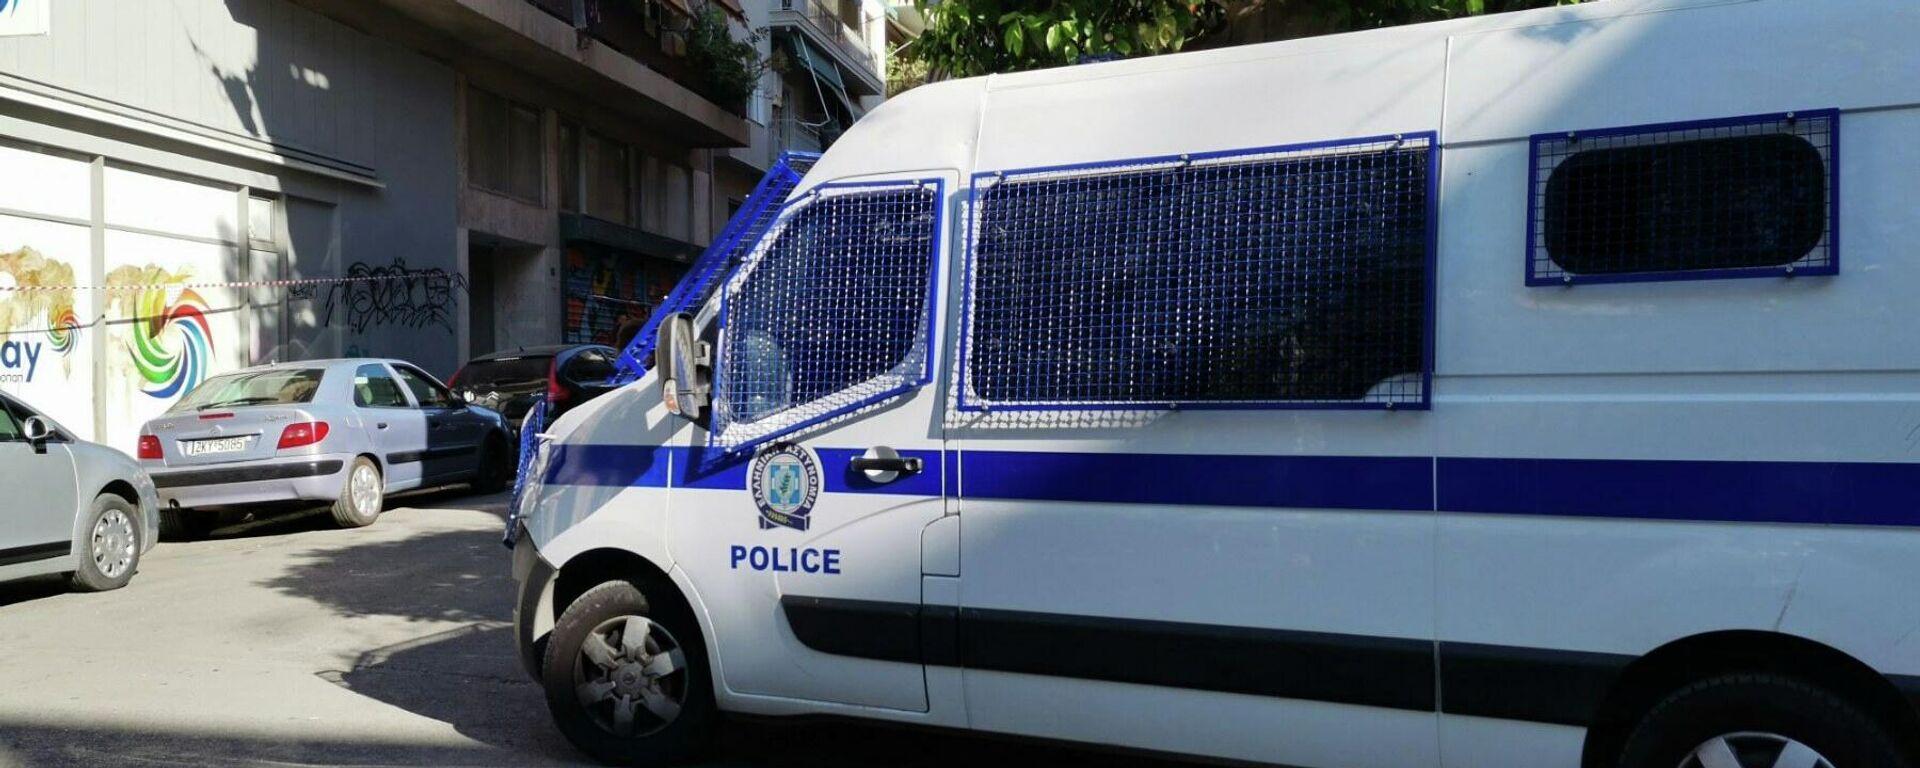 Αστυνομία στην πλατεία Αγίου Γεωργίου - Κυψέλη - Sputnik Ελλάδα, 1920, 10.09.2021